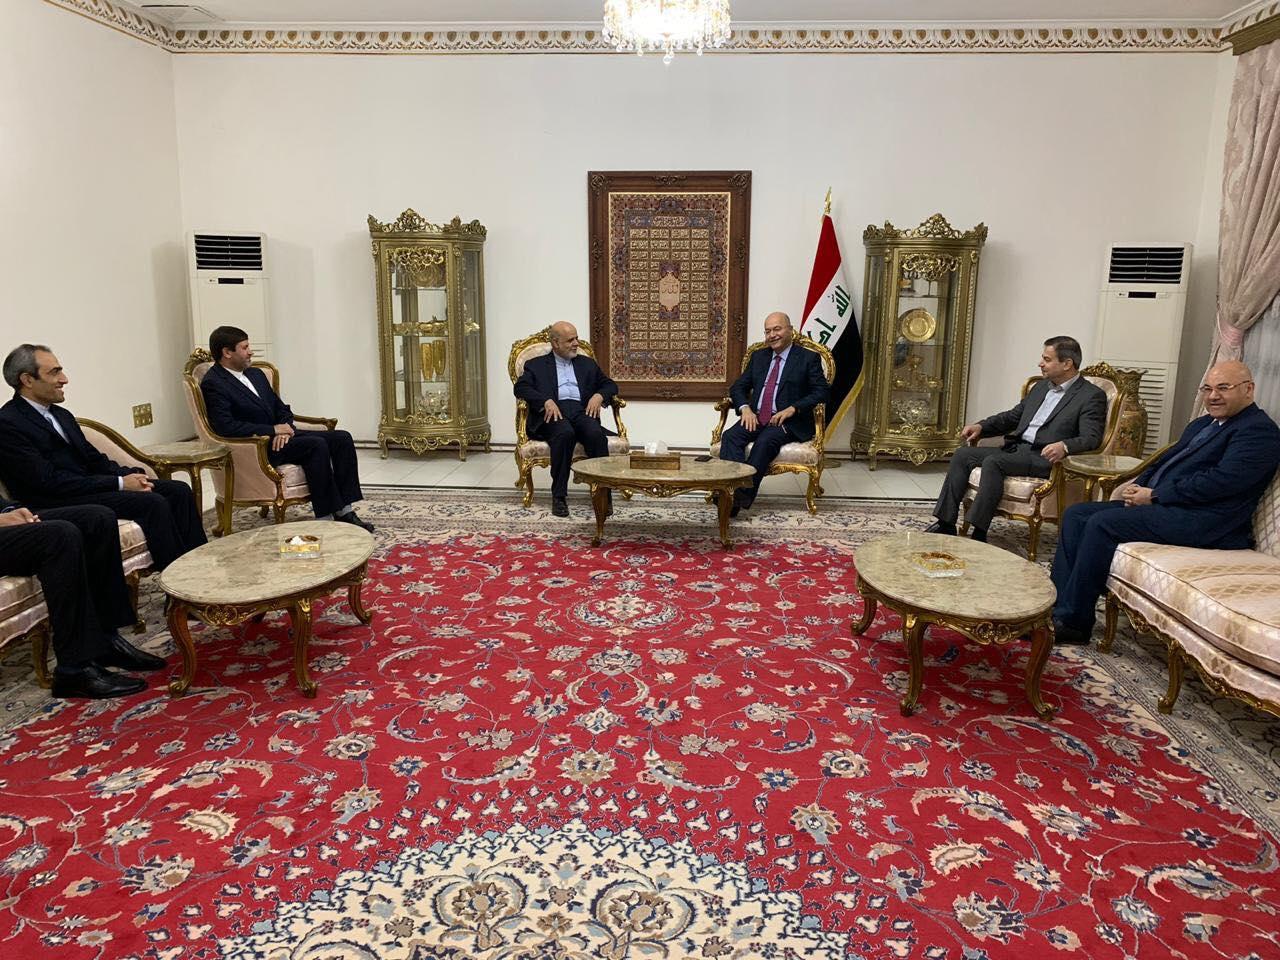 صالح يطمأن السفير الإيراني بأن العراق يجري اتصالاته لإيقاف التصعيد ضد إيران